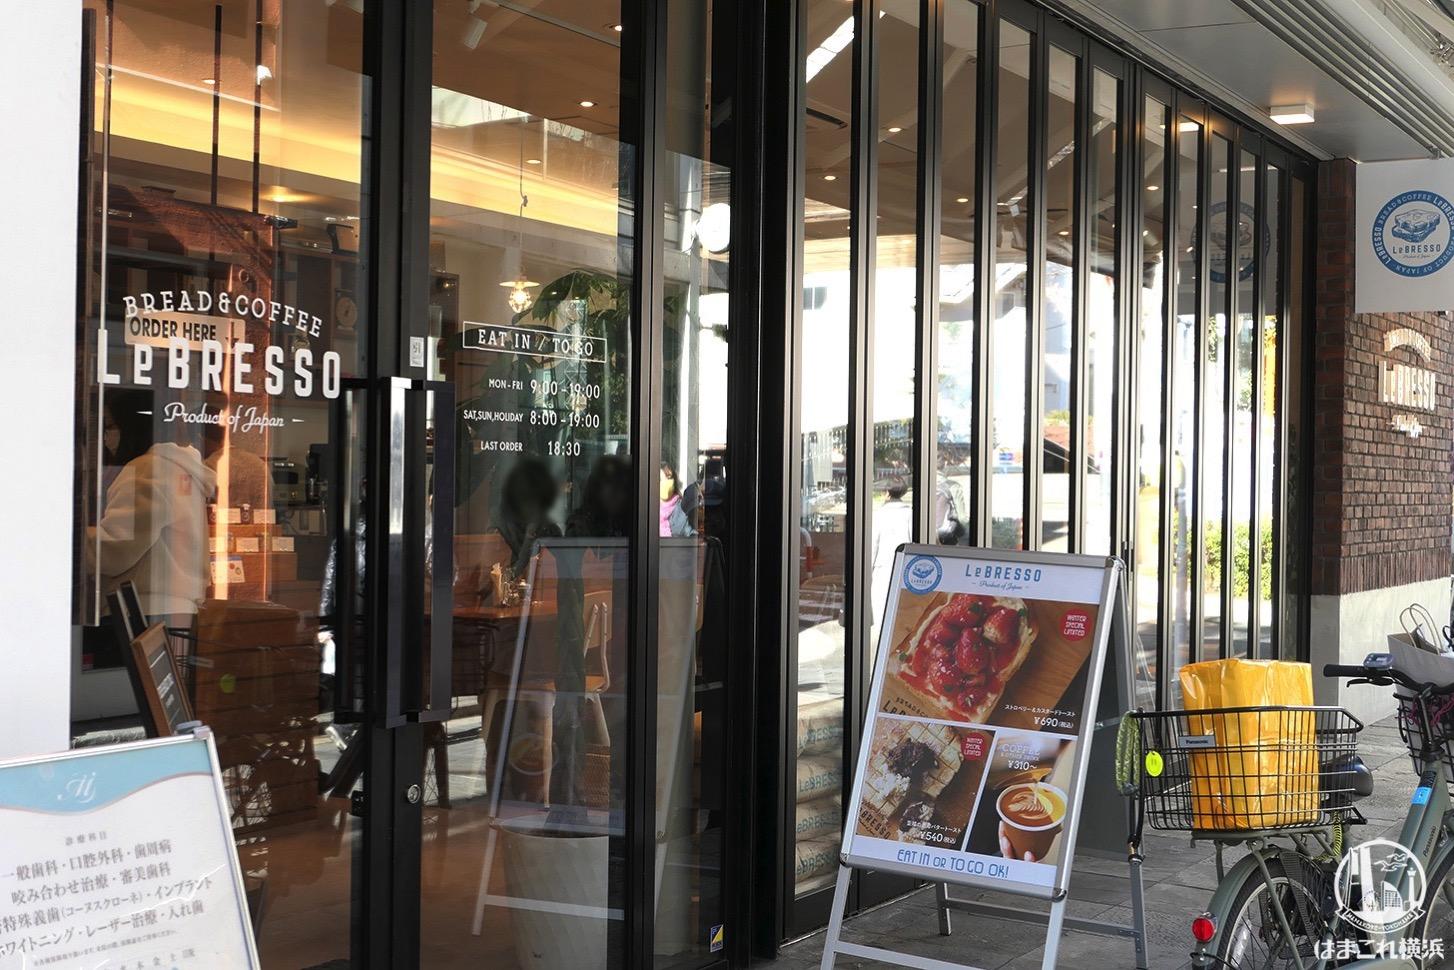 レブレッソ 横浜元町店